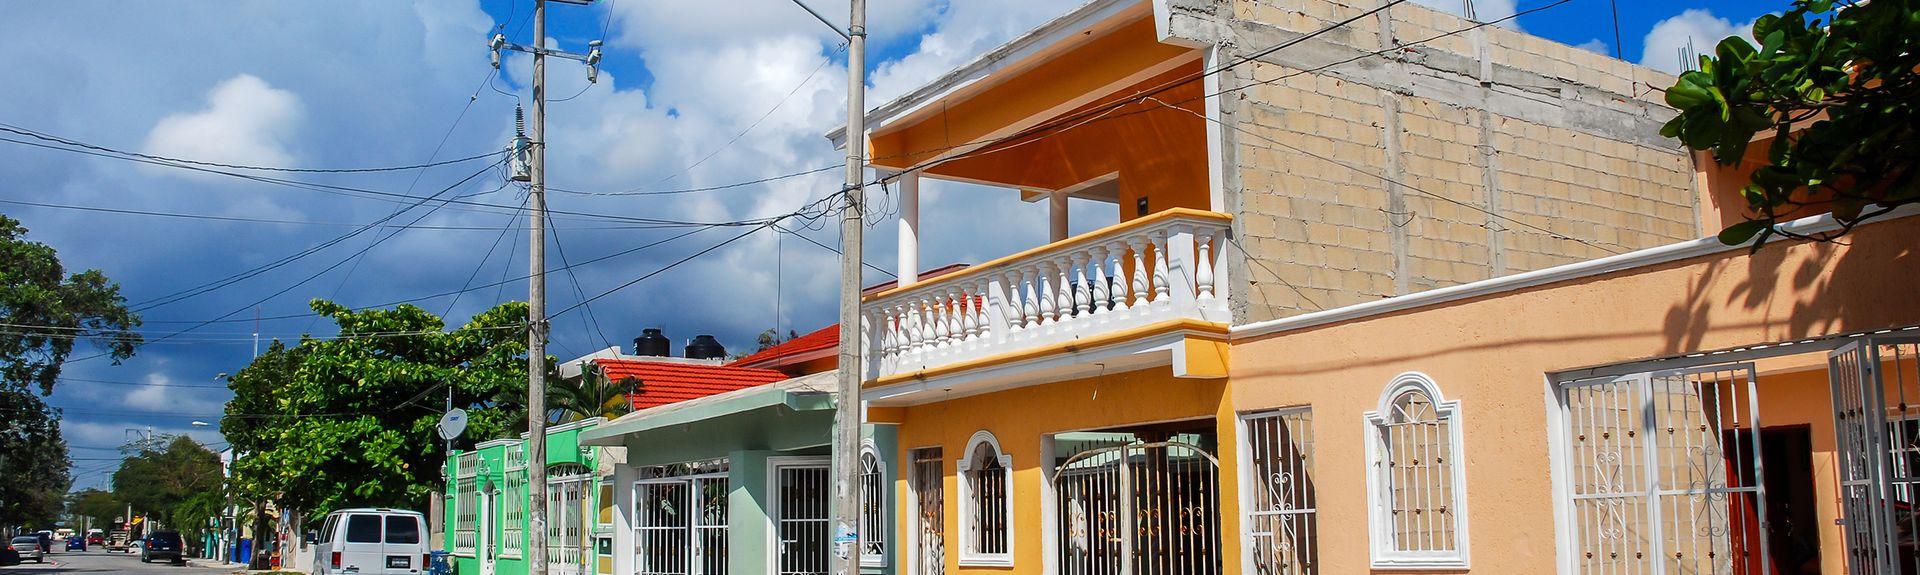 Tulum, Tulum, Quintana Roo, Mexiko